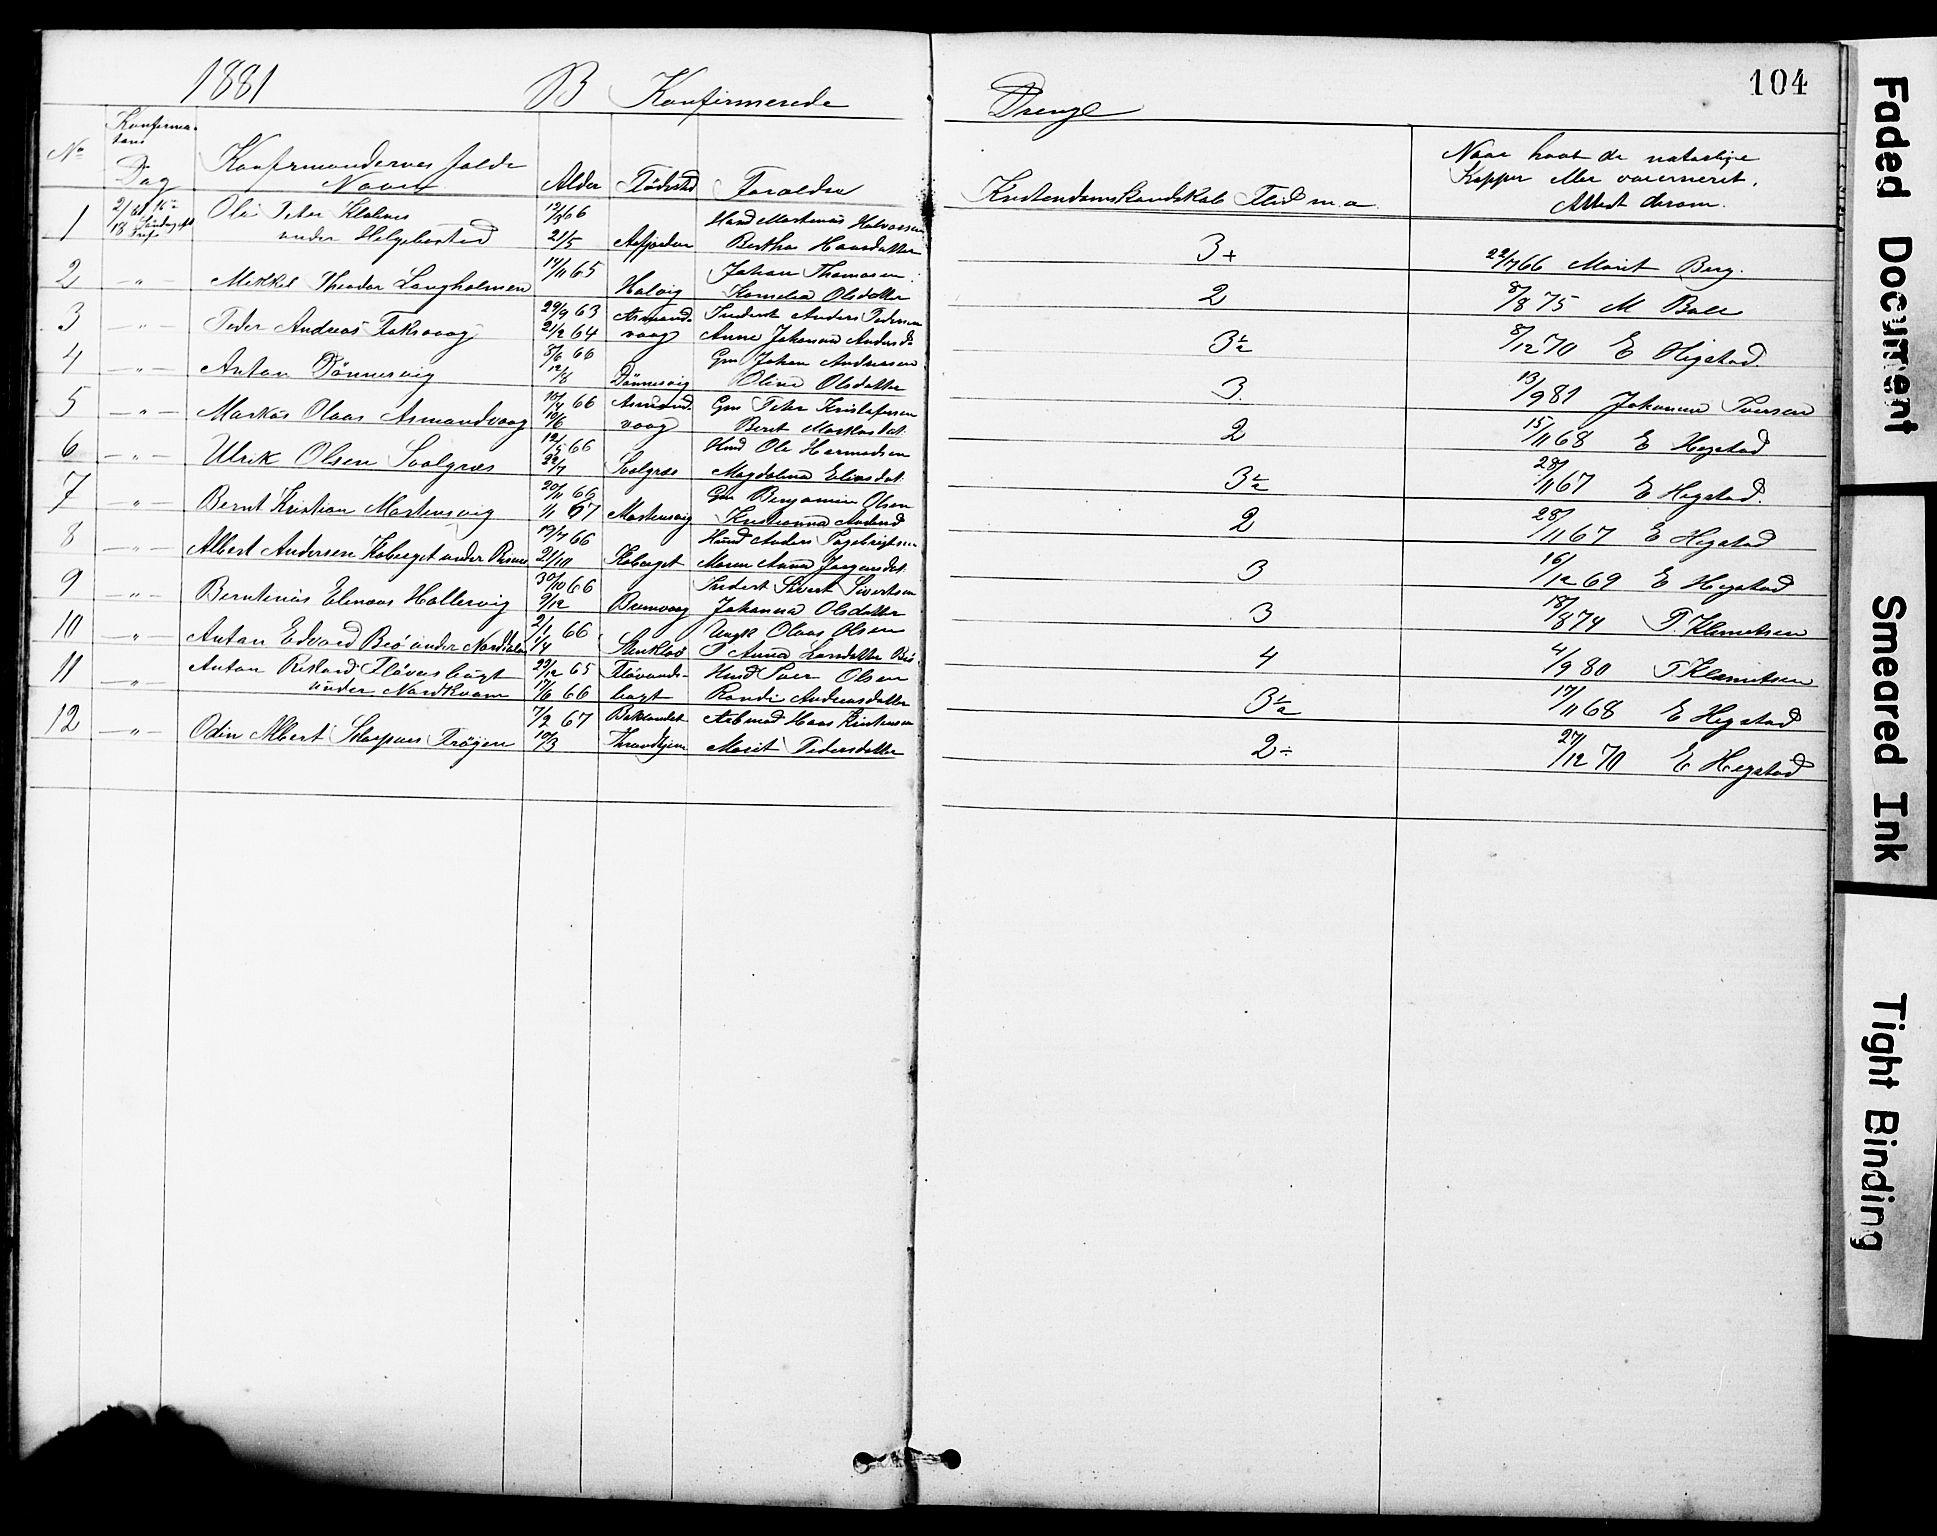 SAT, Ministerialprotokoller, klokkerbøker og fødselsregistre - Sør-Trøndelag, 634/L0541: Klokkerbok nr. 634C03, 1874-1891, s. 104